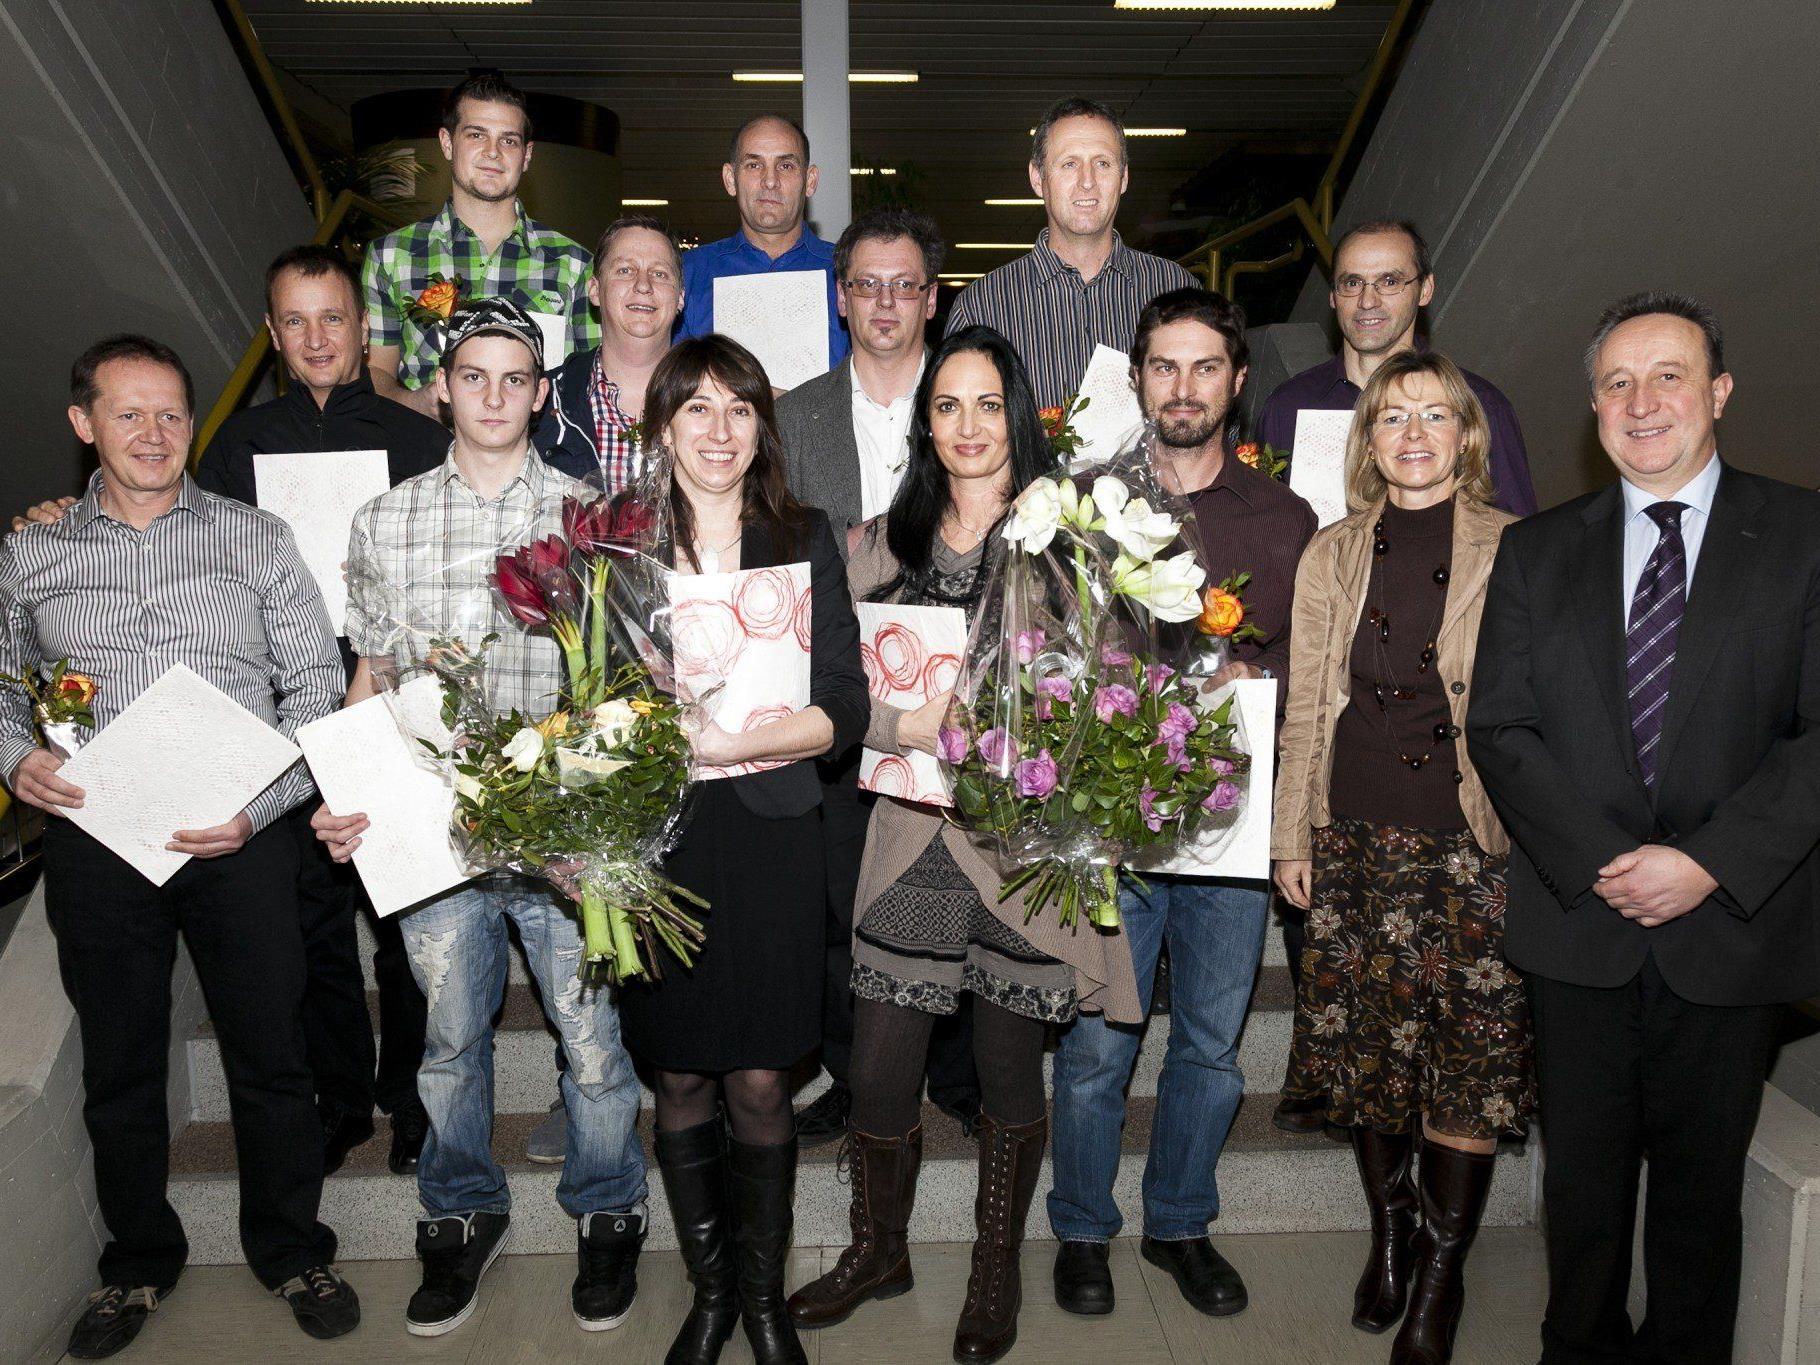 Zwölf neue OP-AssistentInnen erhielten bei der Abschlussfeier ihre Zeugnisse.